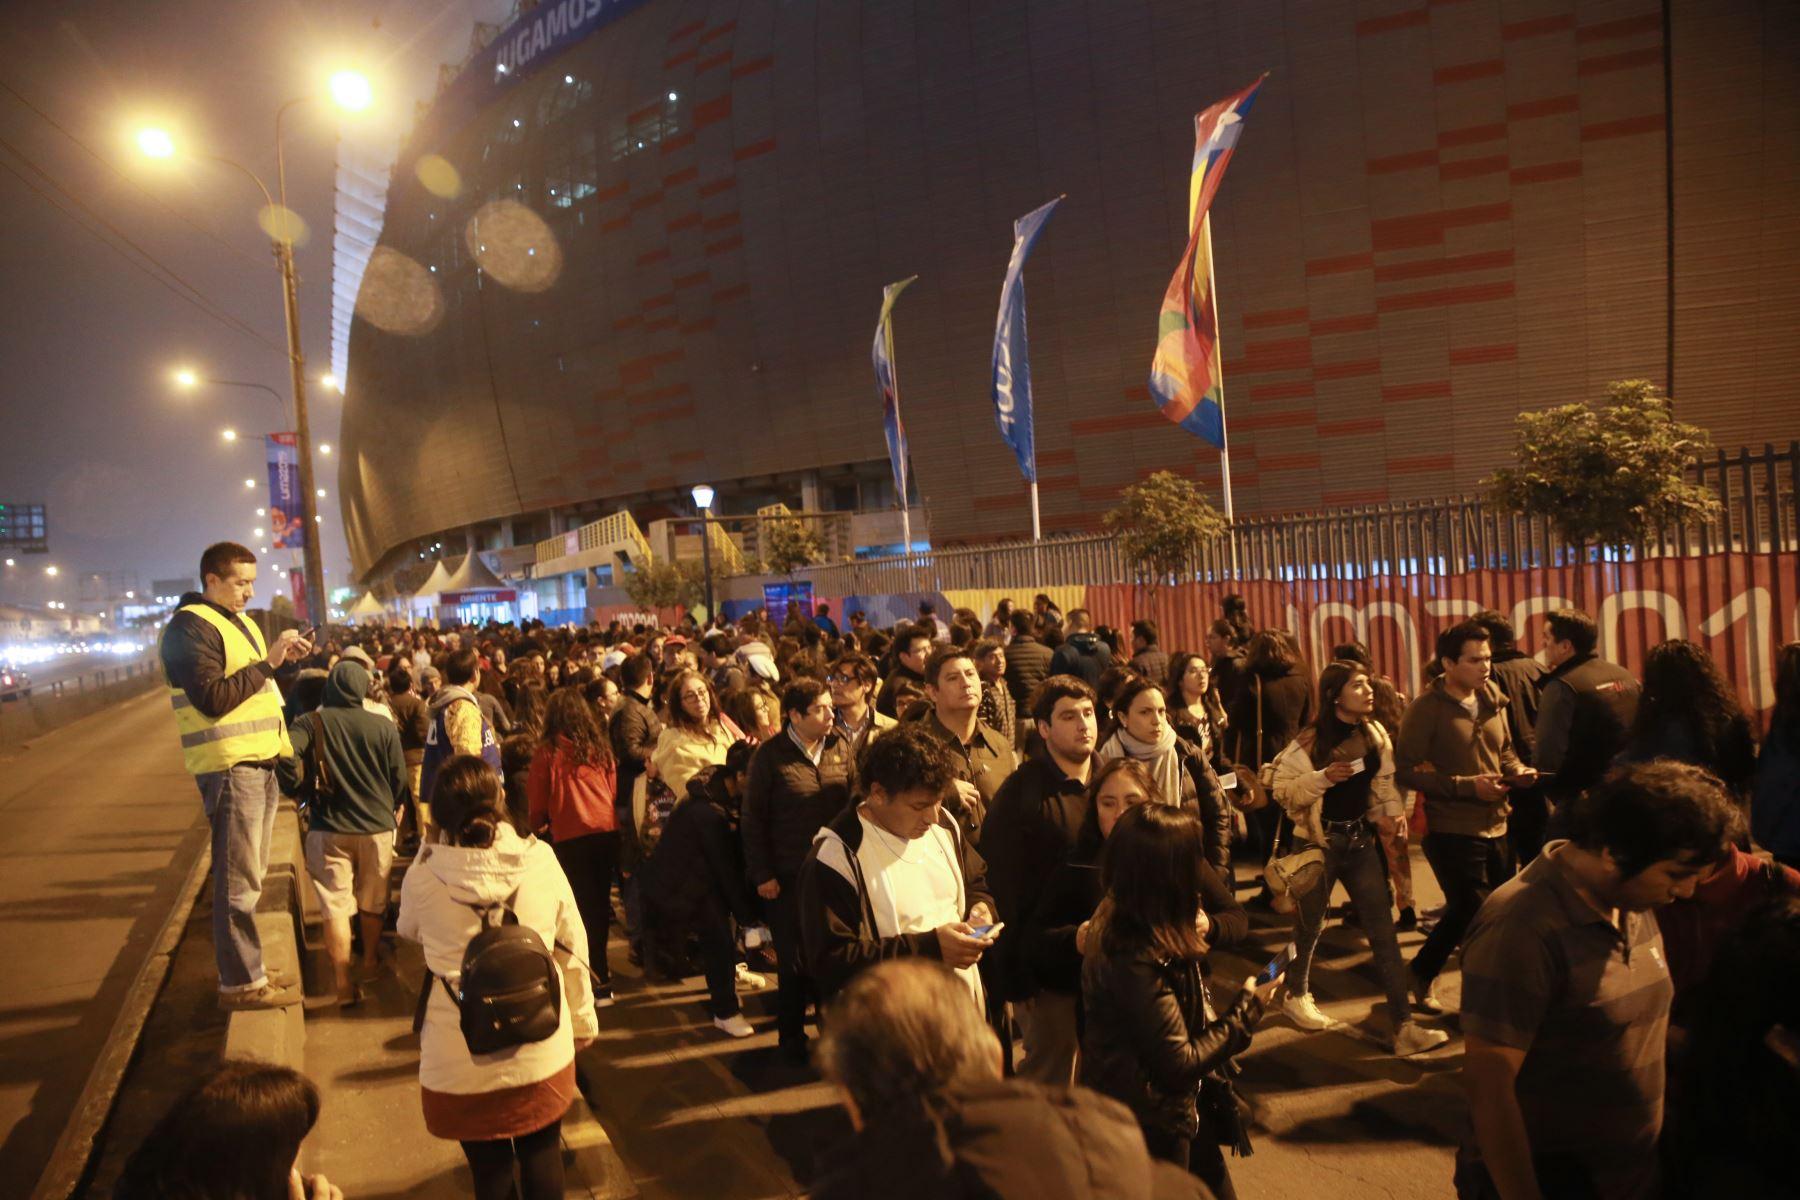 Masiva concurrencia para la inauguración de los Juegos Parapanamericanos Lima 2019. Foto: ANDINA/Jhony Laurente